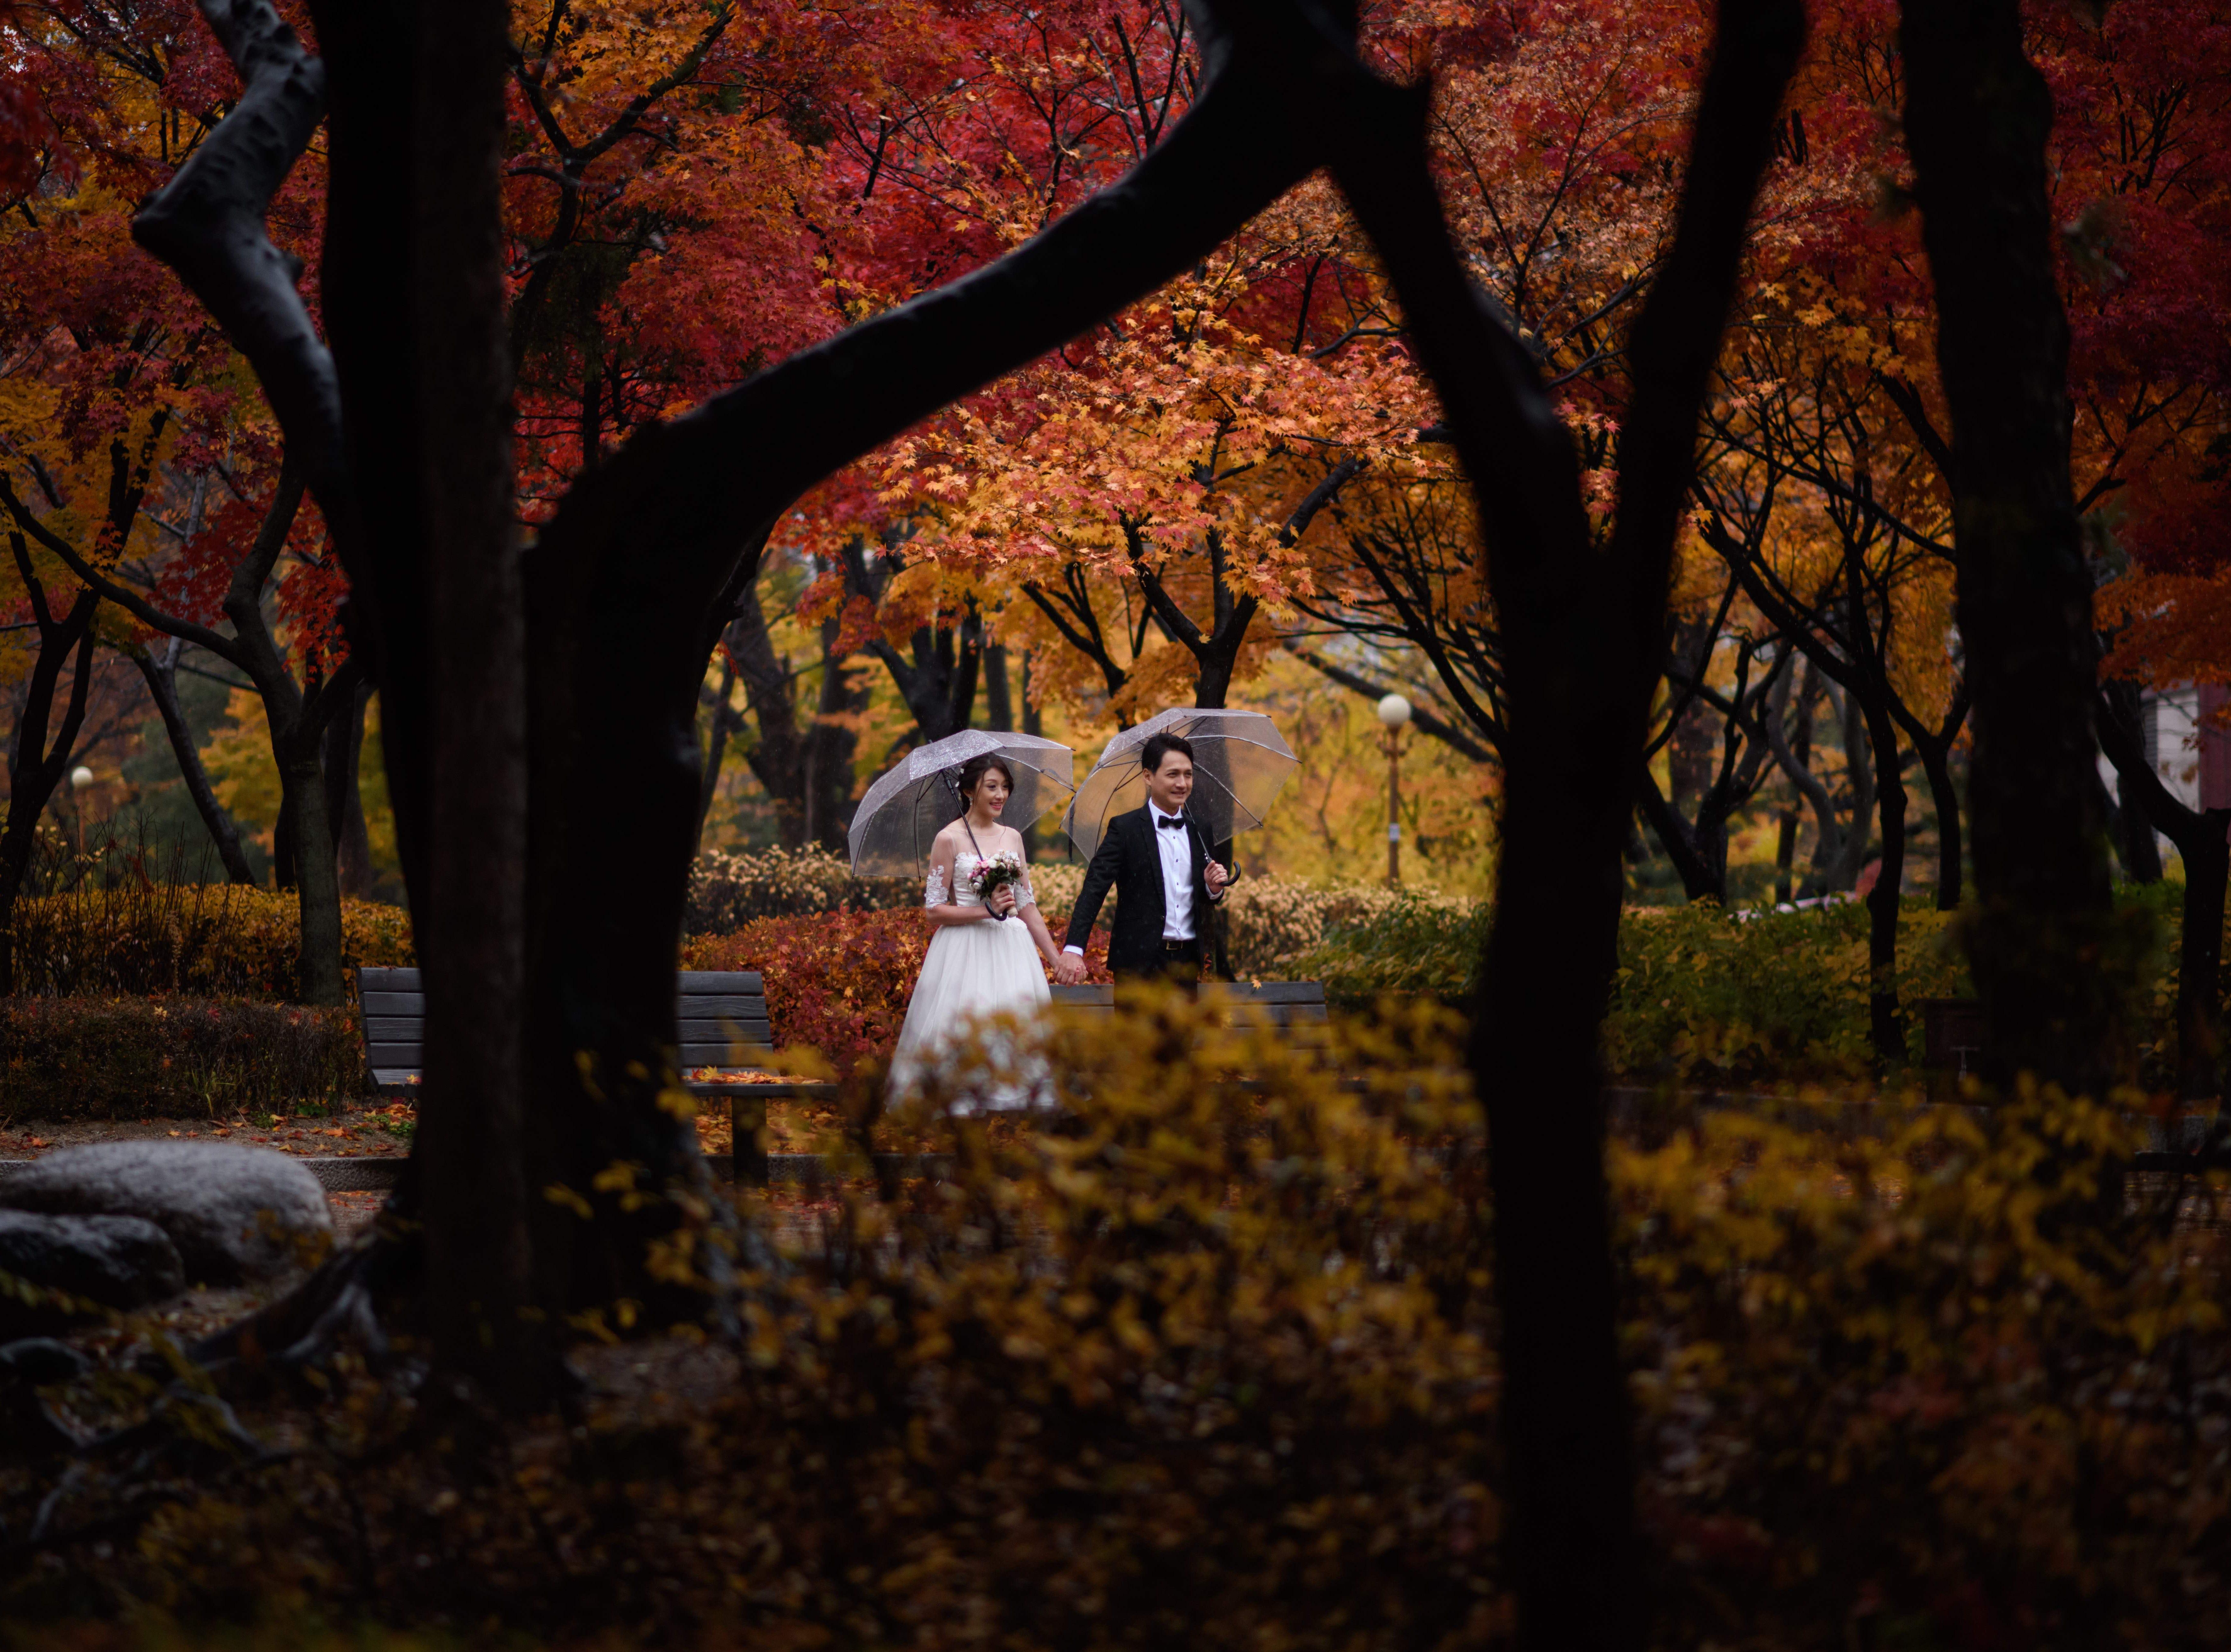 A couple poses for wedding photos in a park in South Korea, on Nov. 8, 2018.